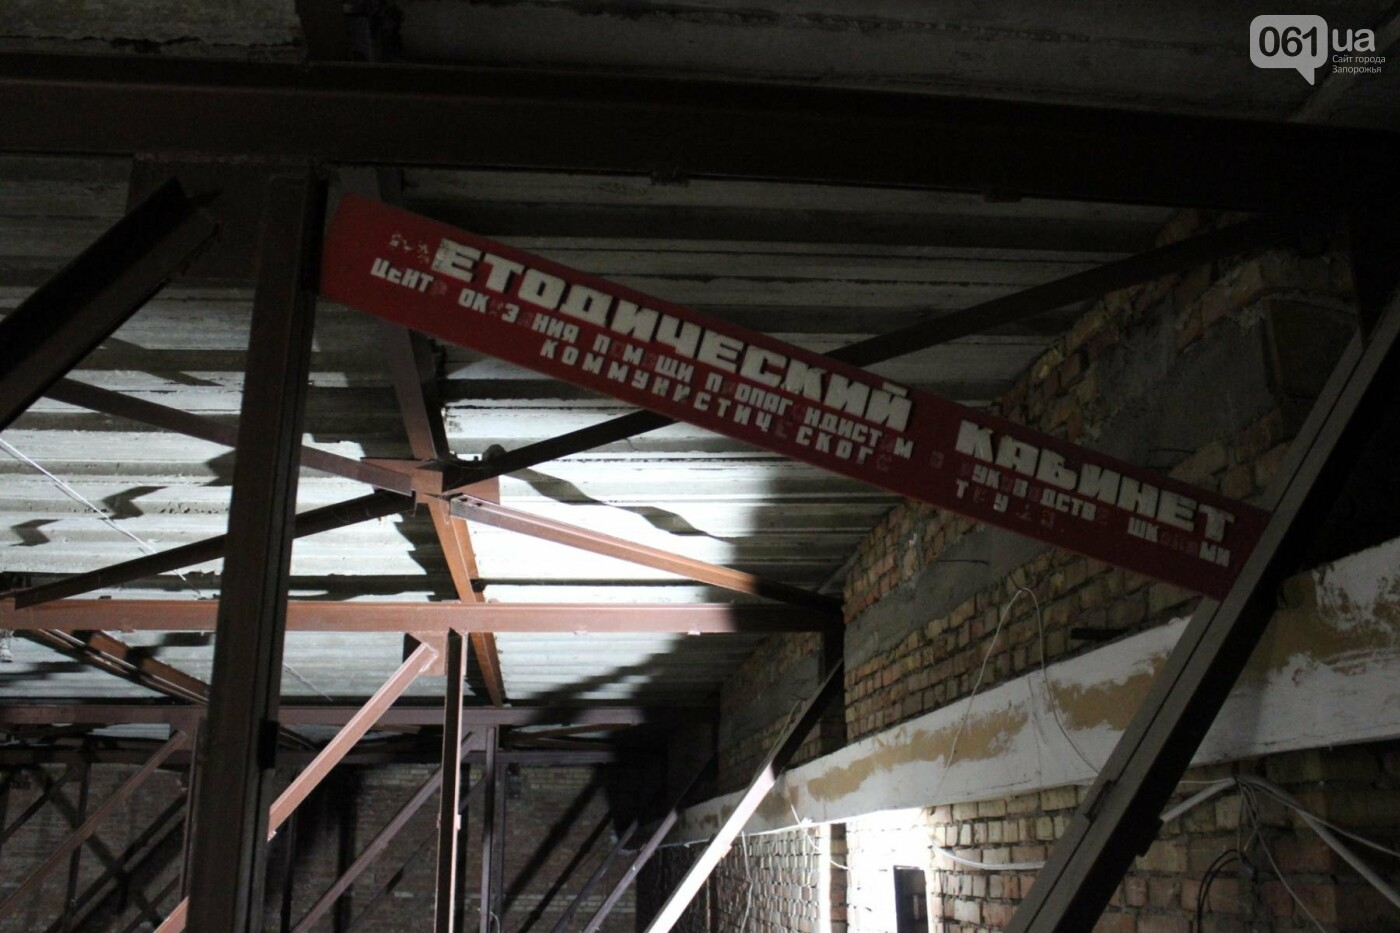 Чем живет запорожский центр молодежи: новый концертный зал, коворкинг и остатки пропагандистского прошлого, - ФОТОРЕПОРТАЖ, фото-20